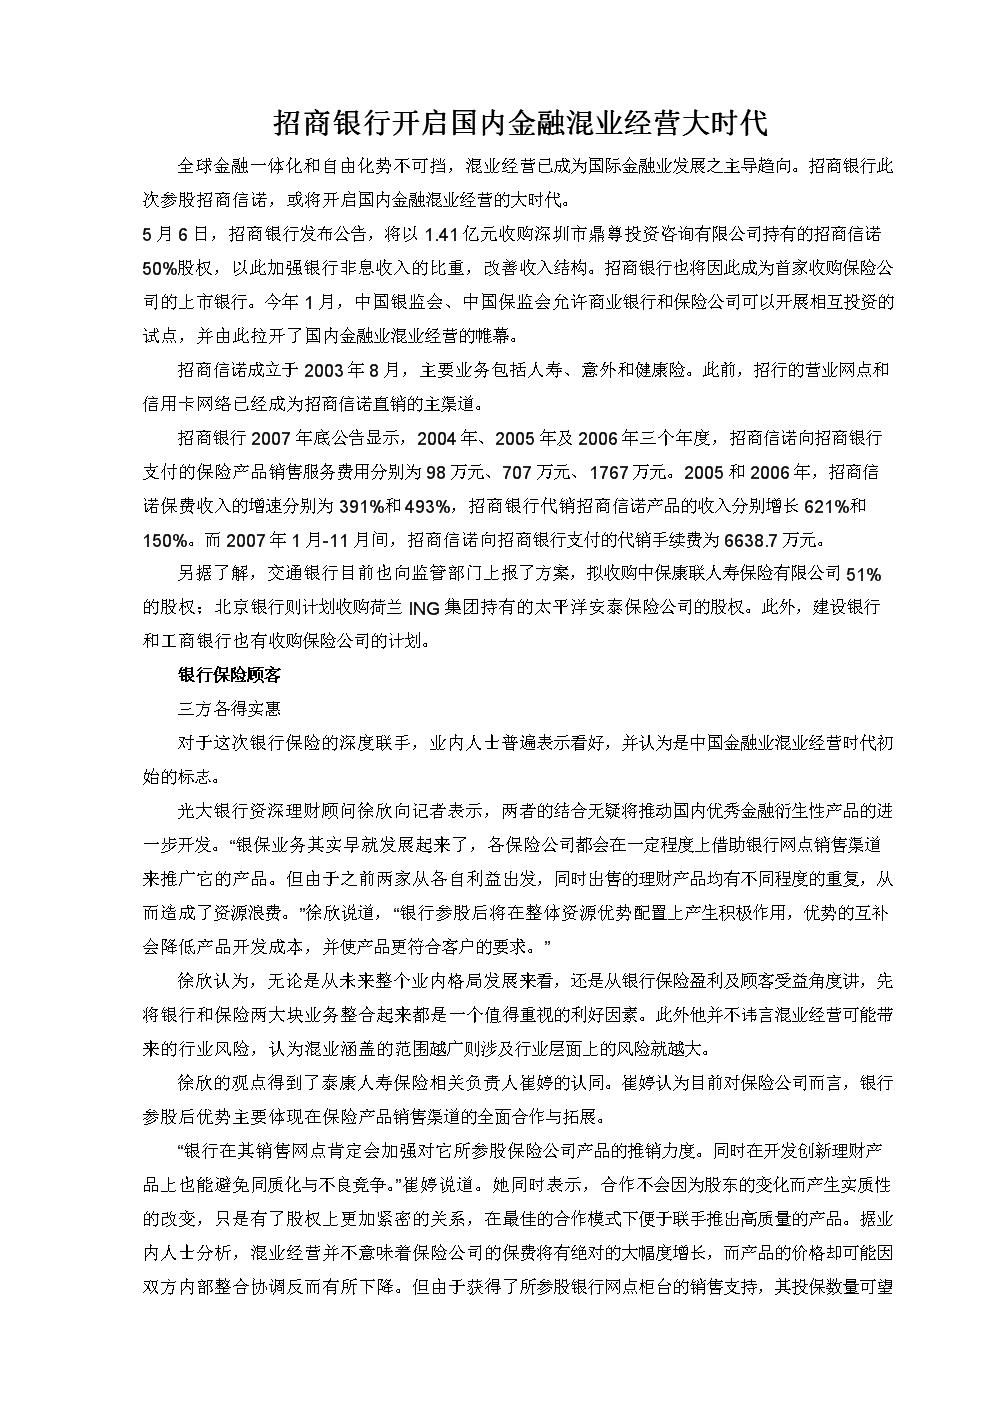 招商银行开启国内金融混业经营大时代.doc